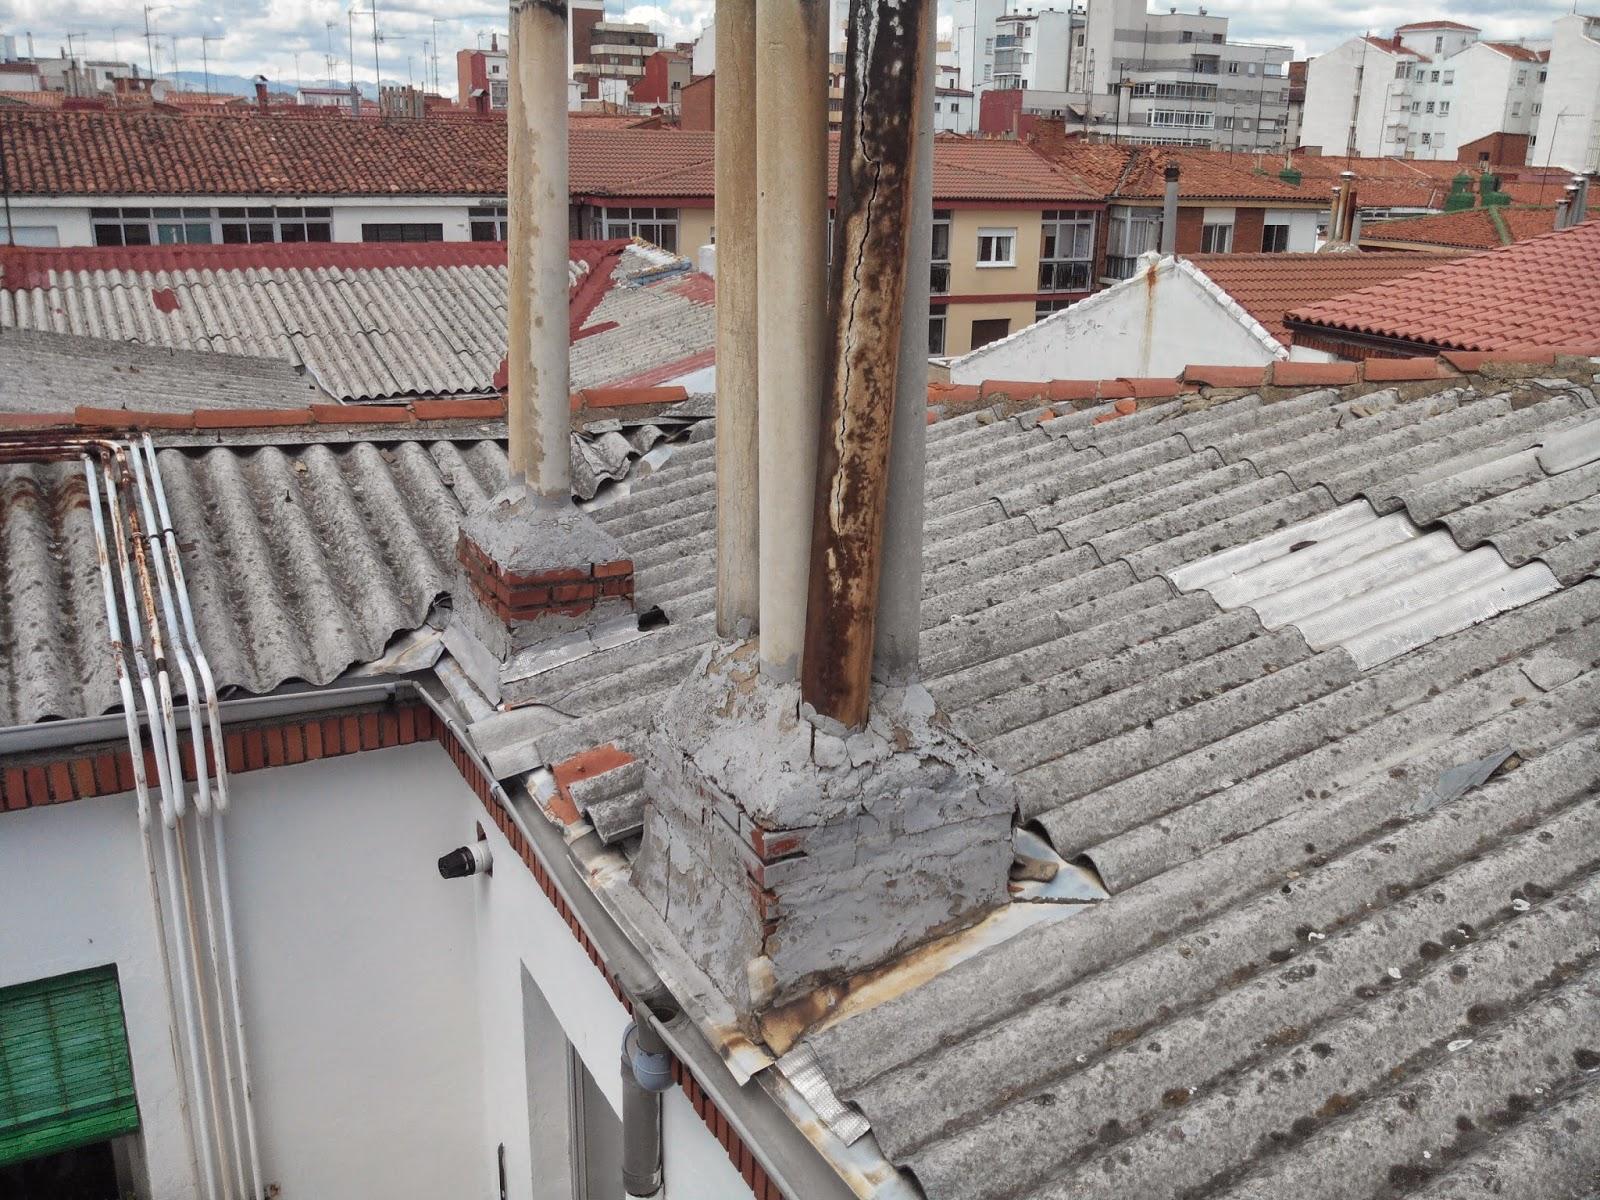 Arreglo de Bajantes,Canalones y Limpieza en Tejados Reformas Villasol en León Multiservicios.                                                                                                                                                                                                                               Servicios de reparaciones y mantenimientos de comunidades, en León,presupuestos tlf 618848709 wasap y 987846623 atencion rapida.